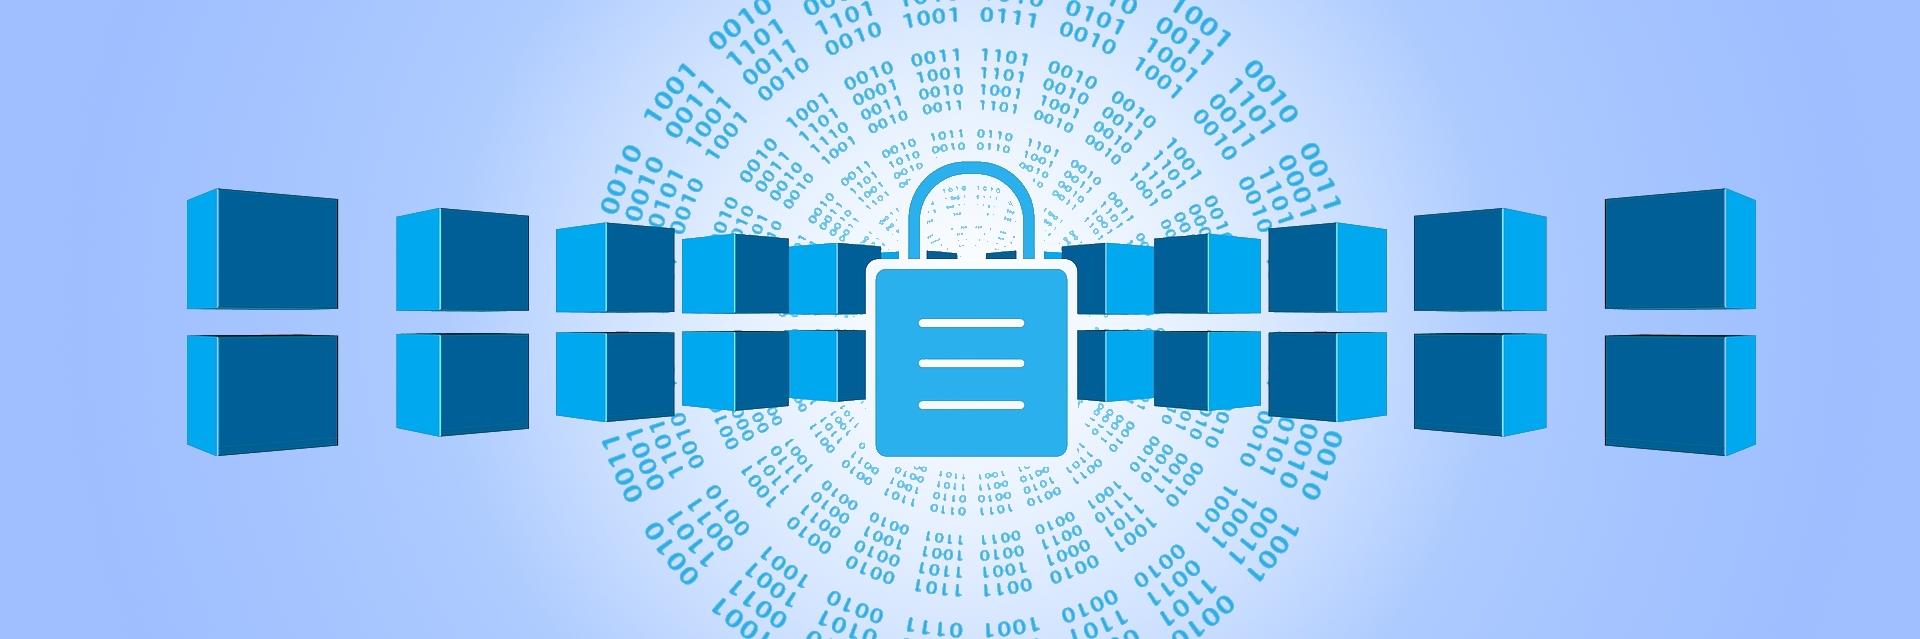 Datenschutzbeauftragter für Ihr Unternehmen